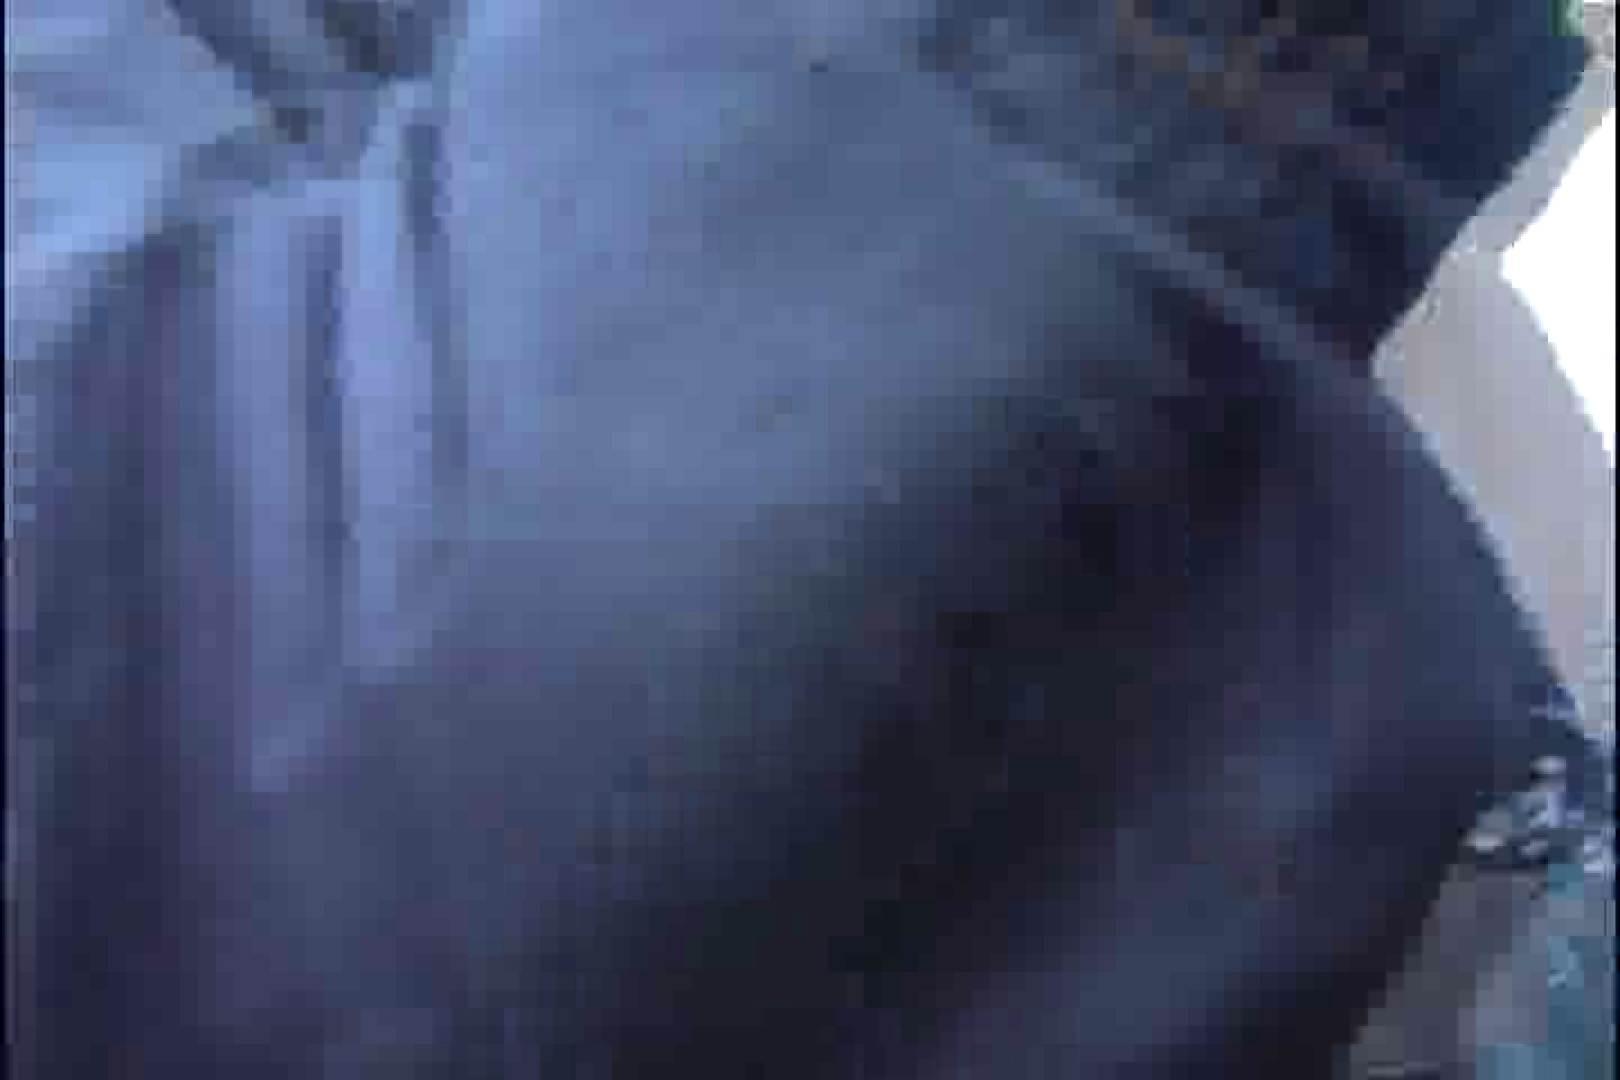 RQカメラ地獄Vol.11 レースクイーン  77連発 12